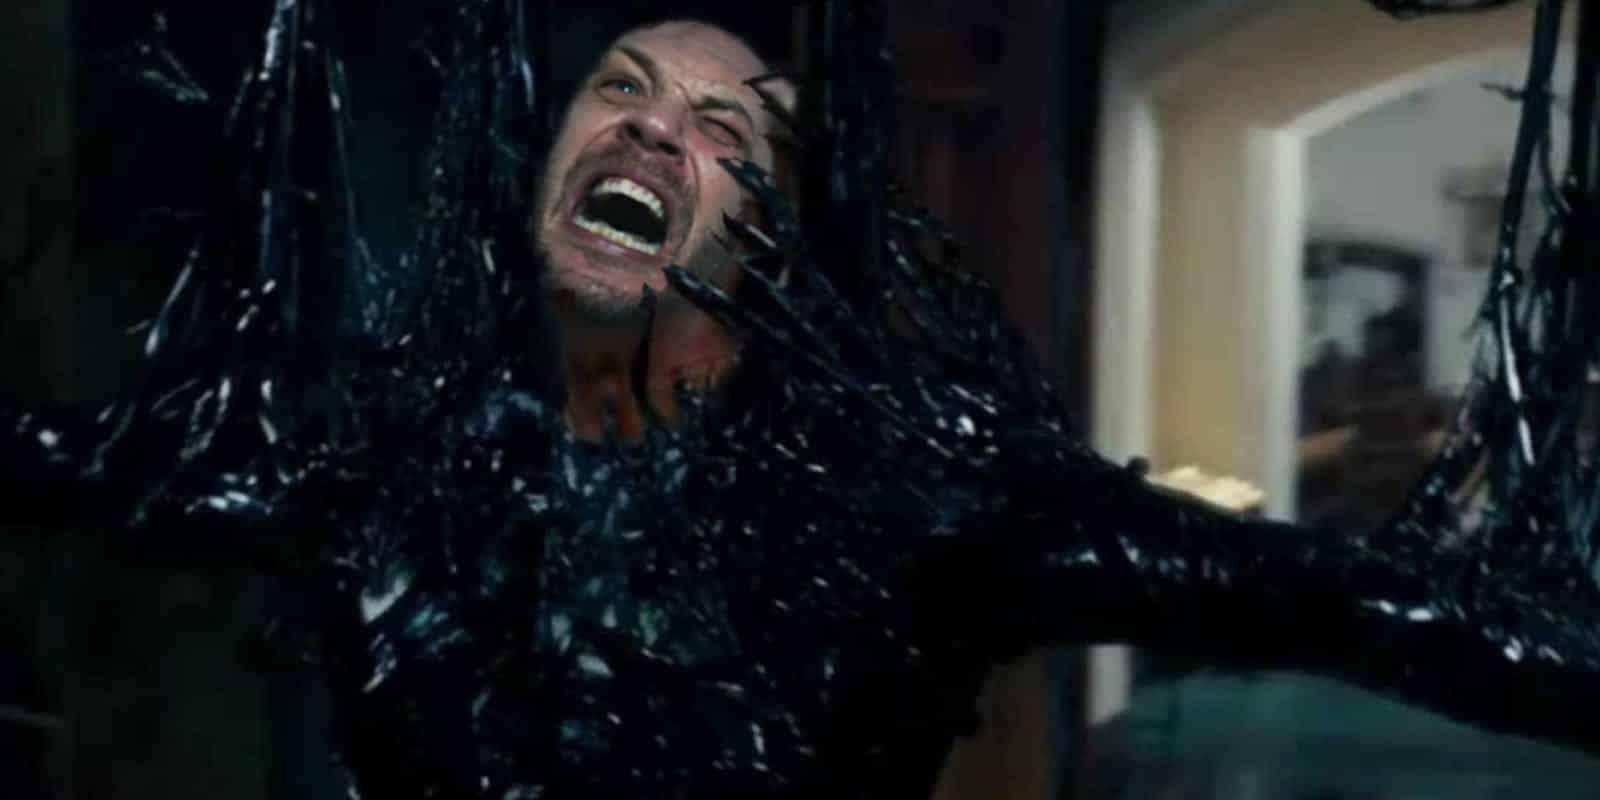 Tráiler de Venom con Tom Hardy convirtiéndose en el simbionte revelado por Sony